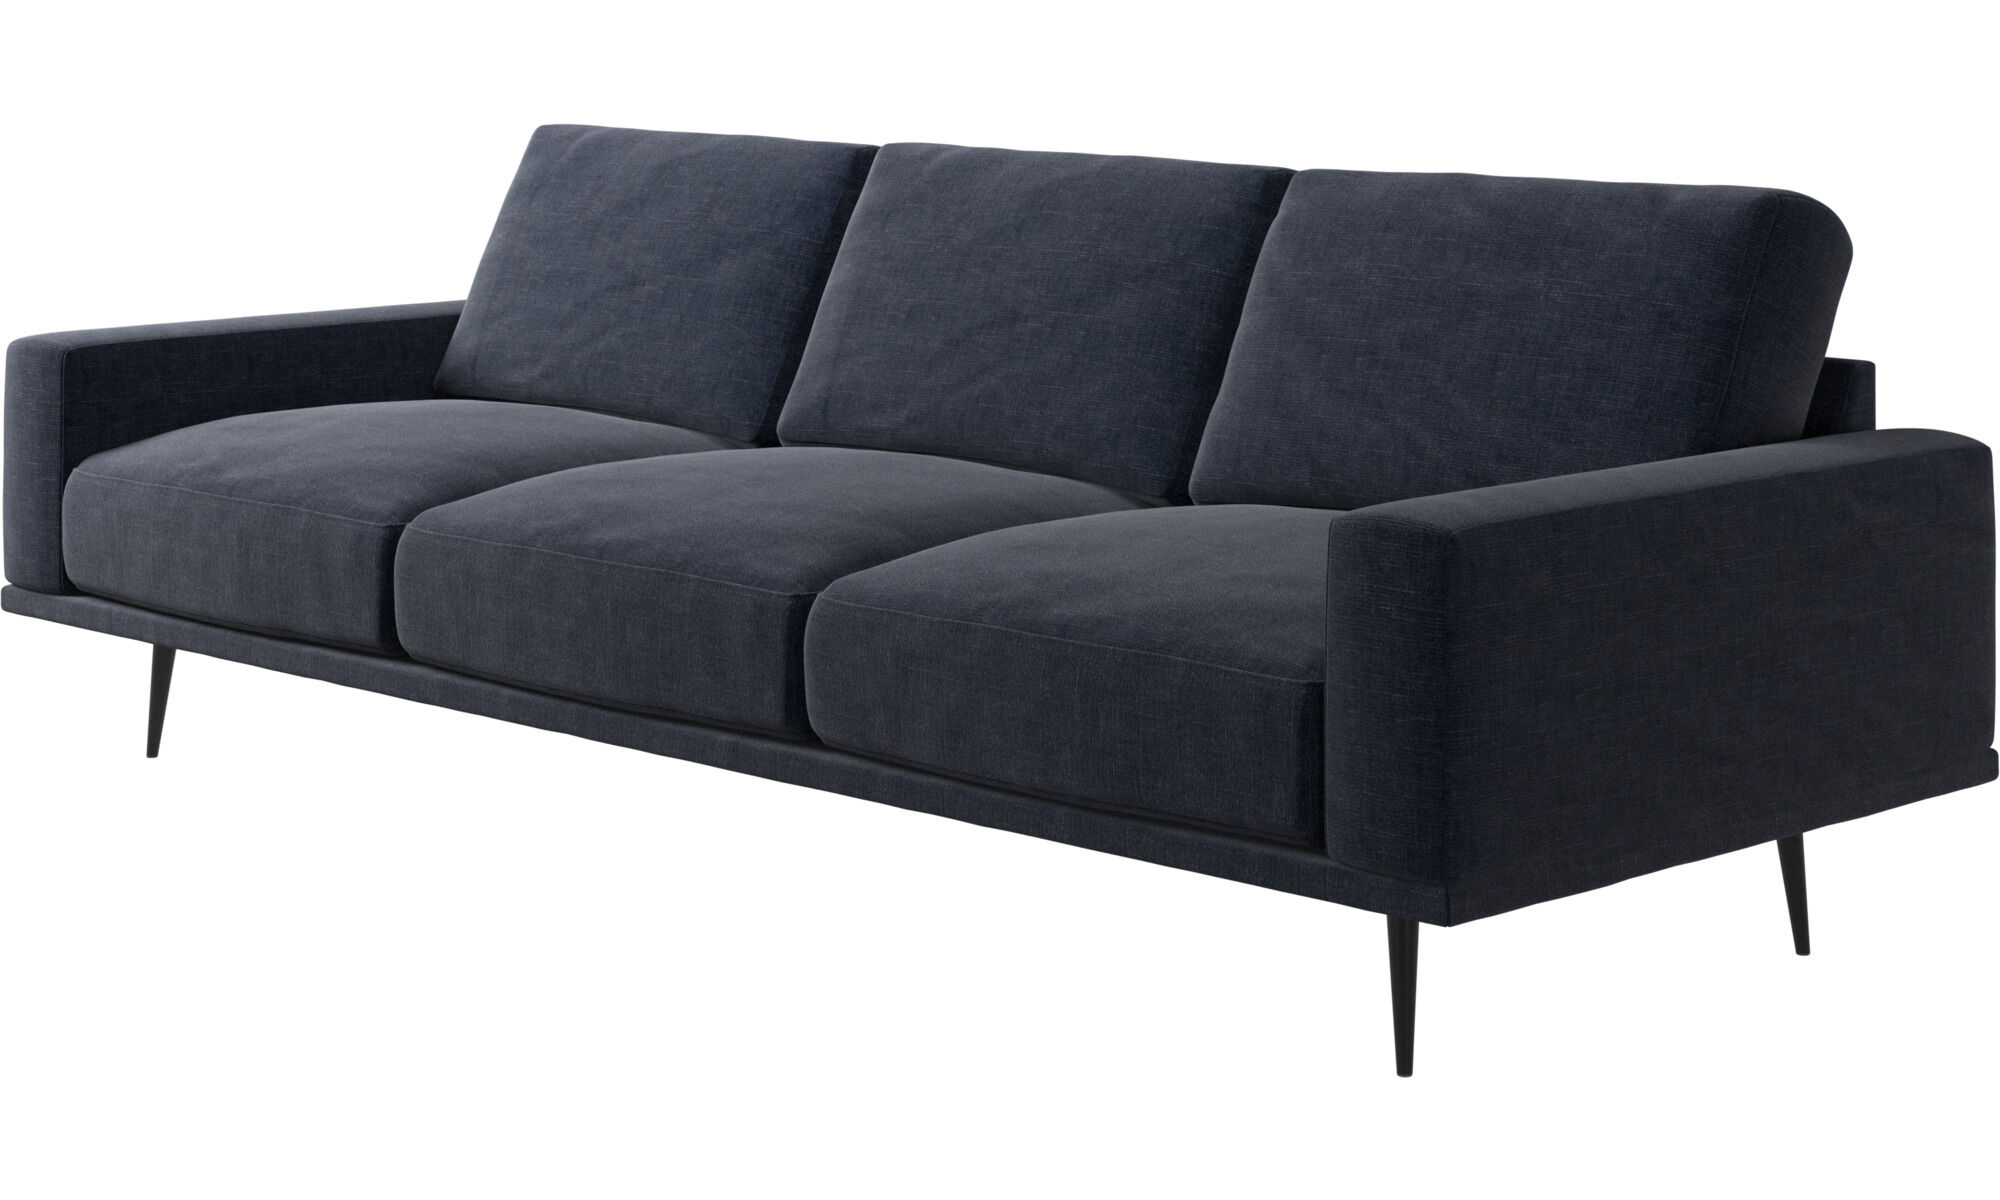 Attraktiv ... 3 Sitzer Sofas   Carlton Sofa   Blau   Stoff ...